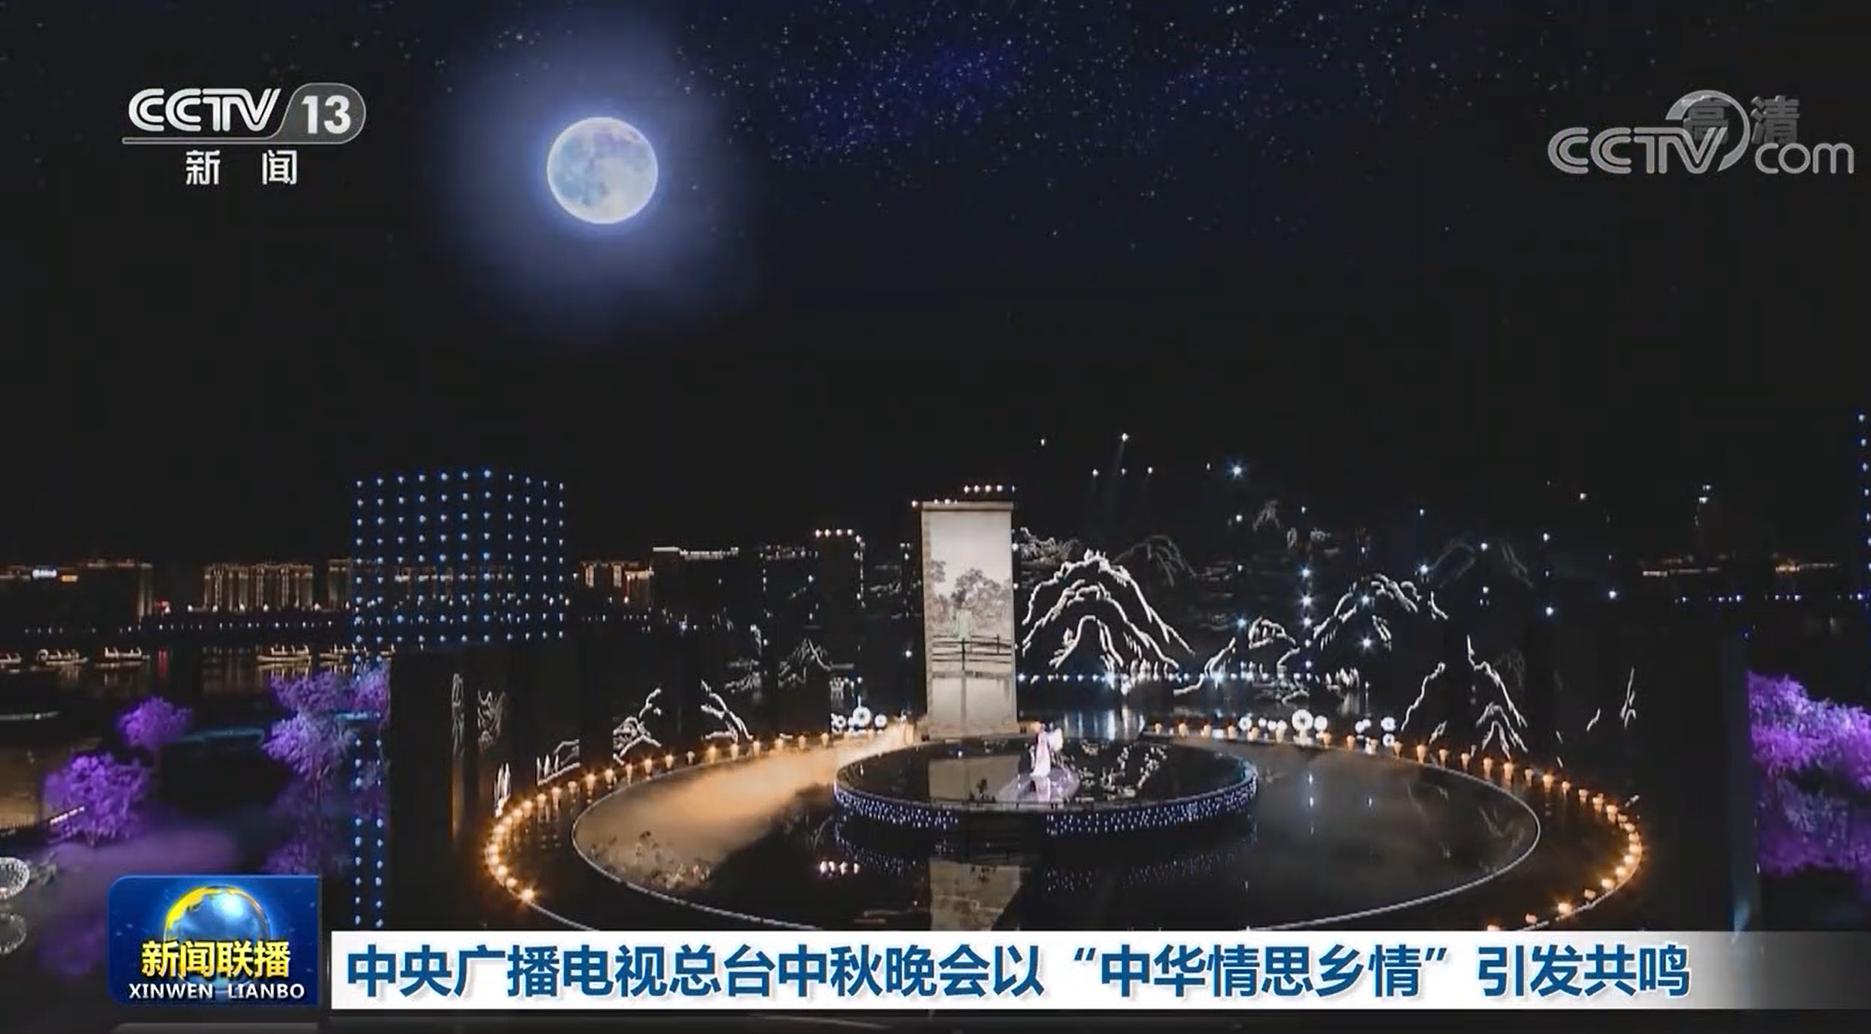 """中央广播电视总台中秋晚会以""""中华情思乡情""""引发共鸣"""